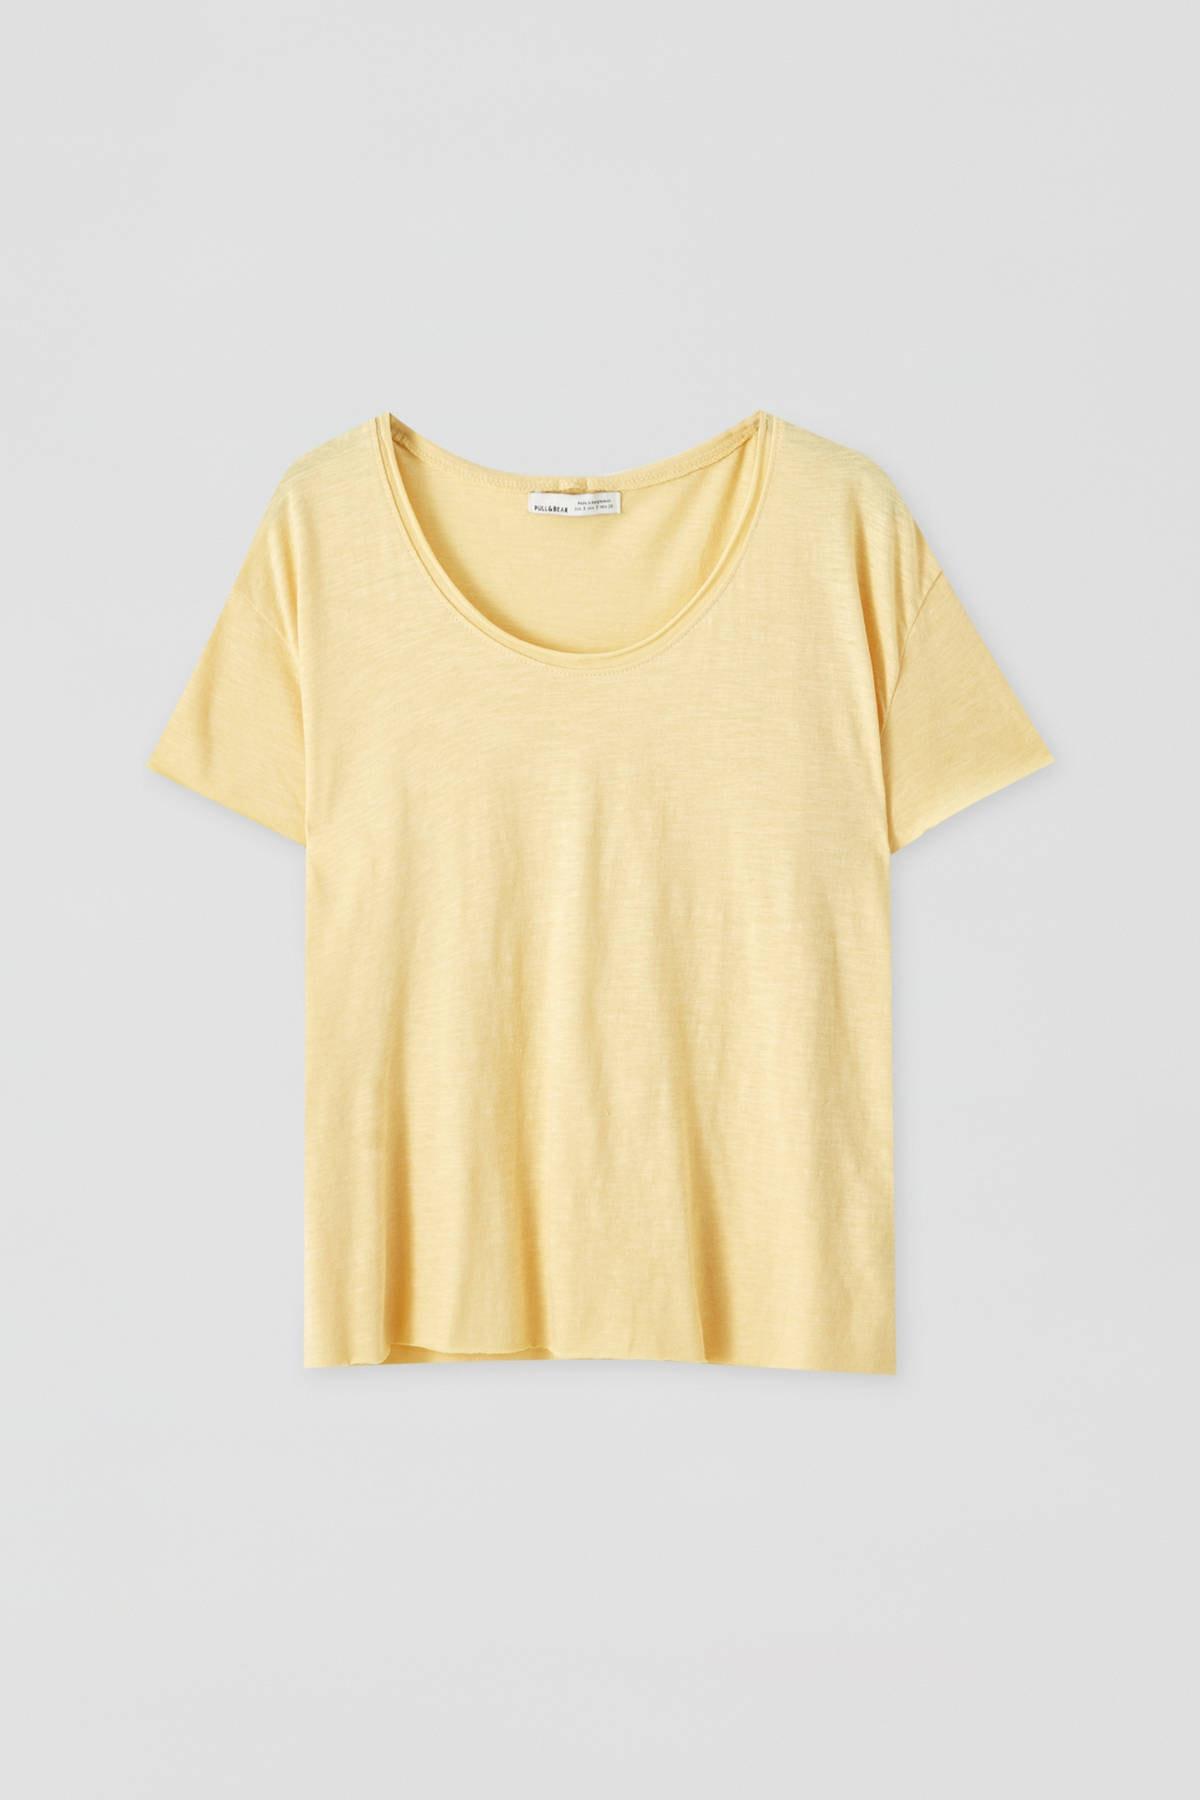 Pull & Bear Kadın Açık Sarı Biyeli Dikişli Basic T-Shirt 05236307 4